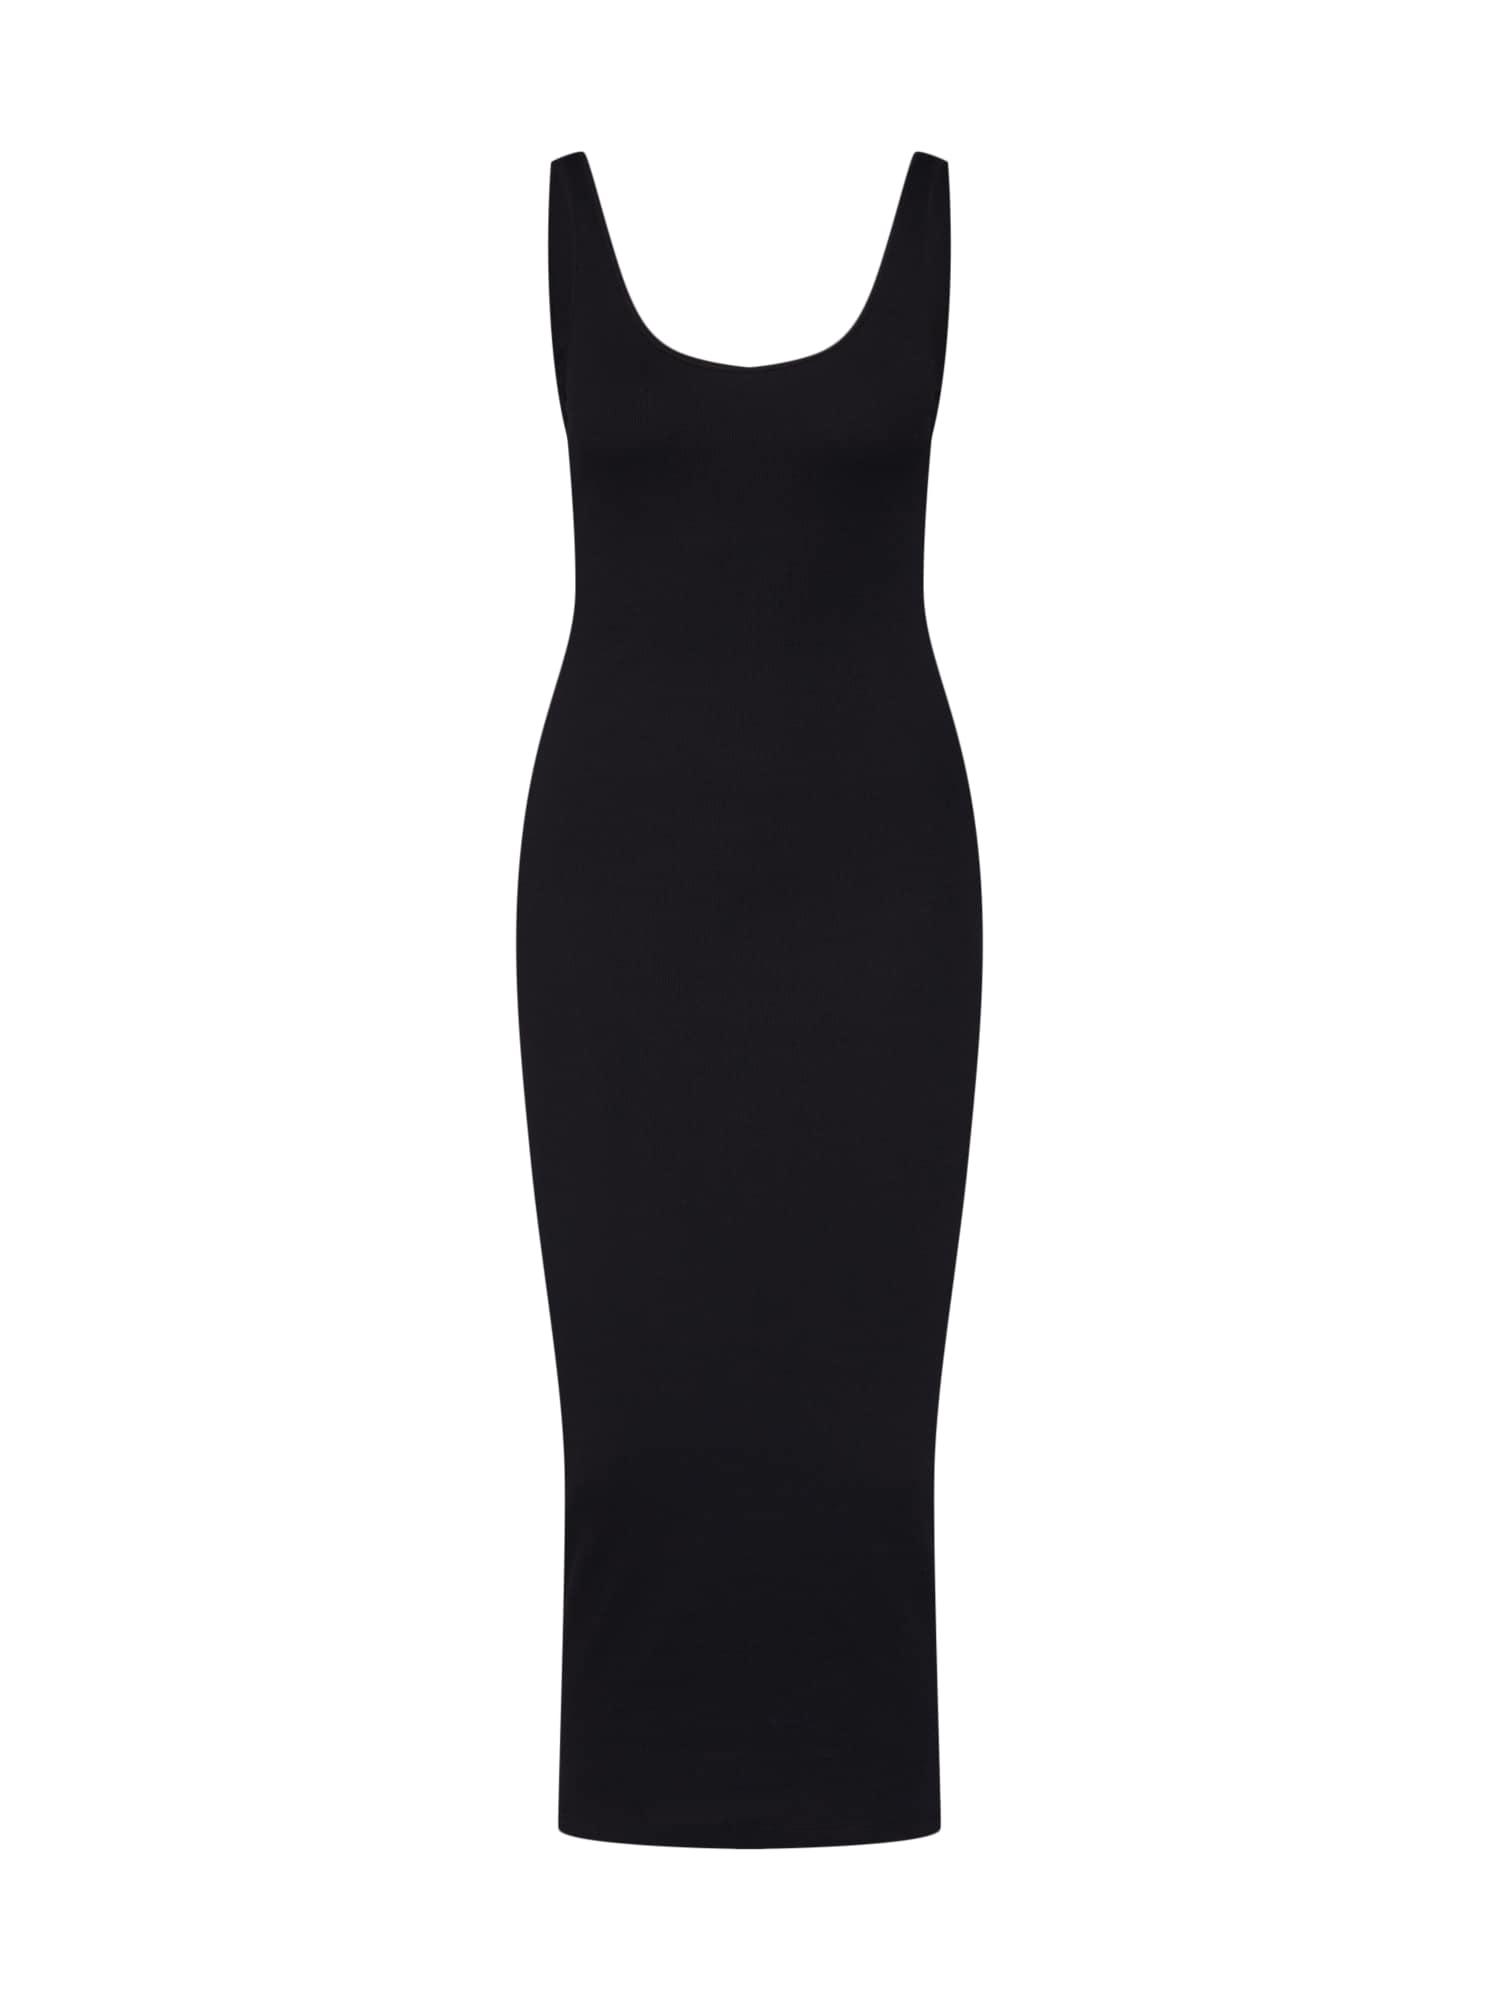 Šaty ENOCEAN SL DRESS černá Envii